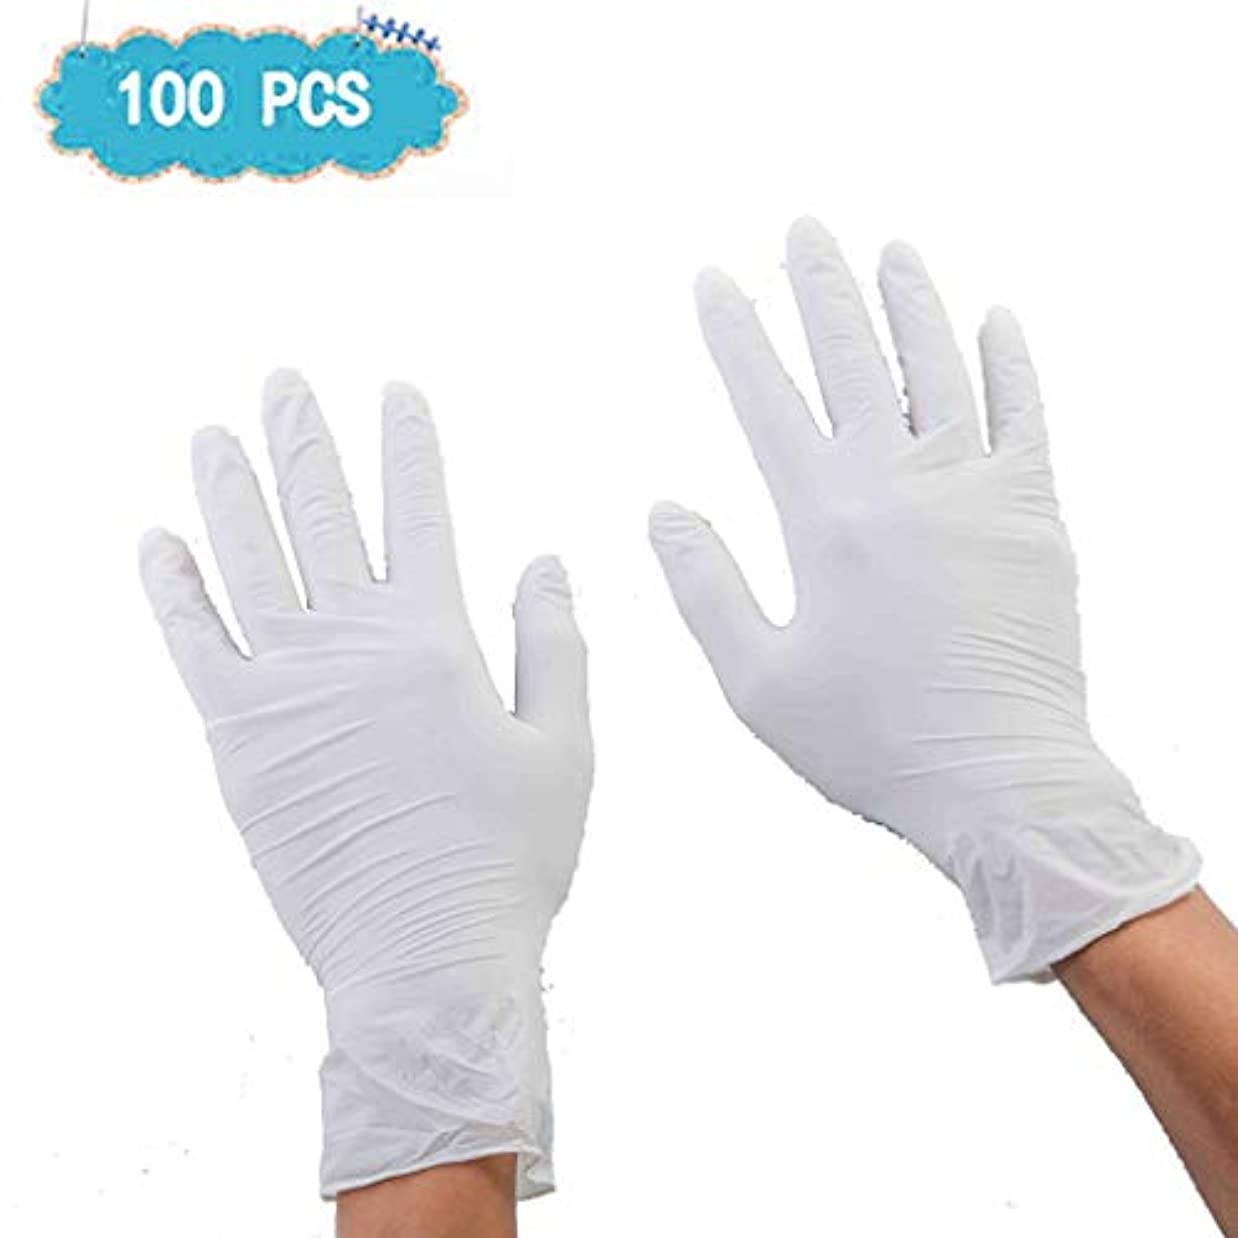 今晩天才クランプニトリル手袋、12インチ厚ゴム手袋白い手袋食品加工医療ペットケアネイルアート検査保護実験、美容サロンラテックスフリー、、 100個 (Size : L)